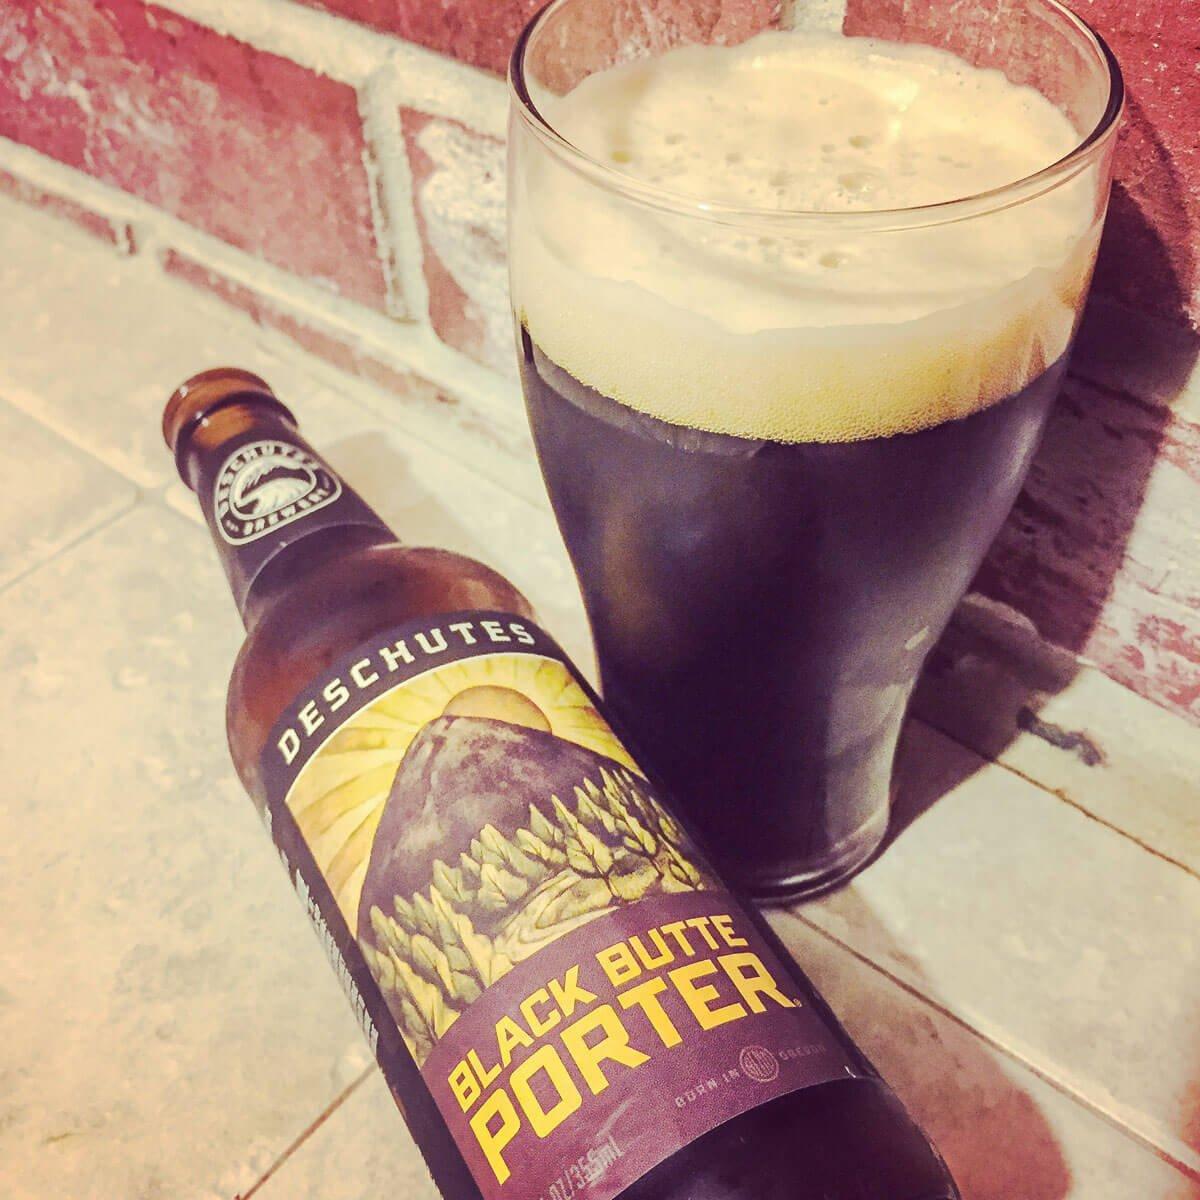 Black Butte Porter, an American Porter by Deschutes Brewery